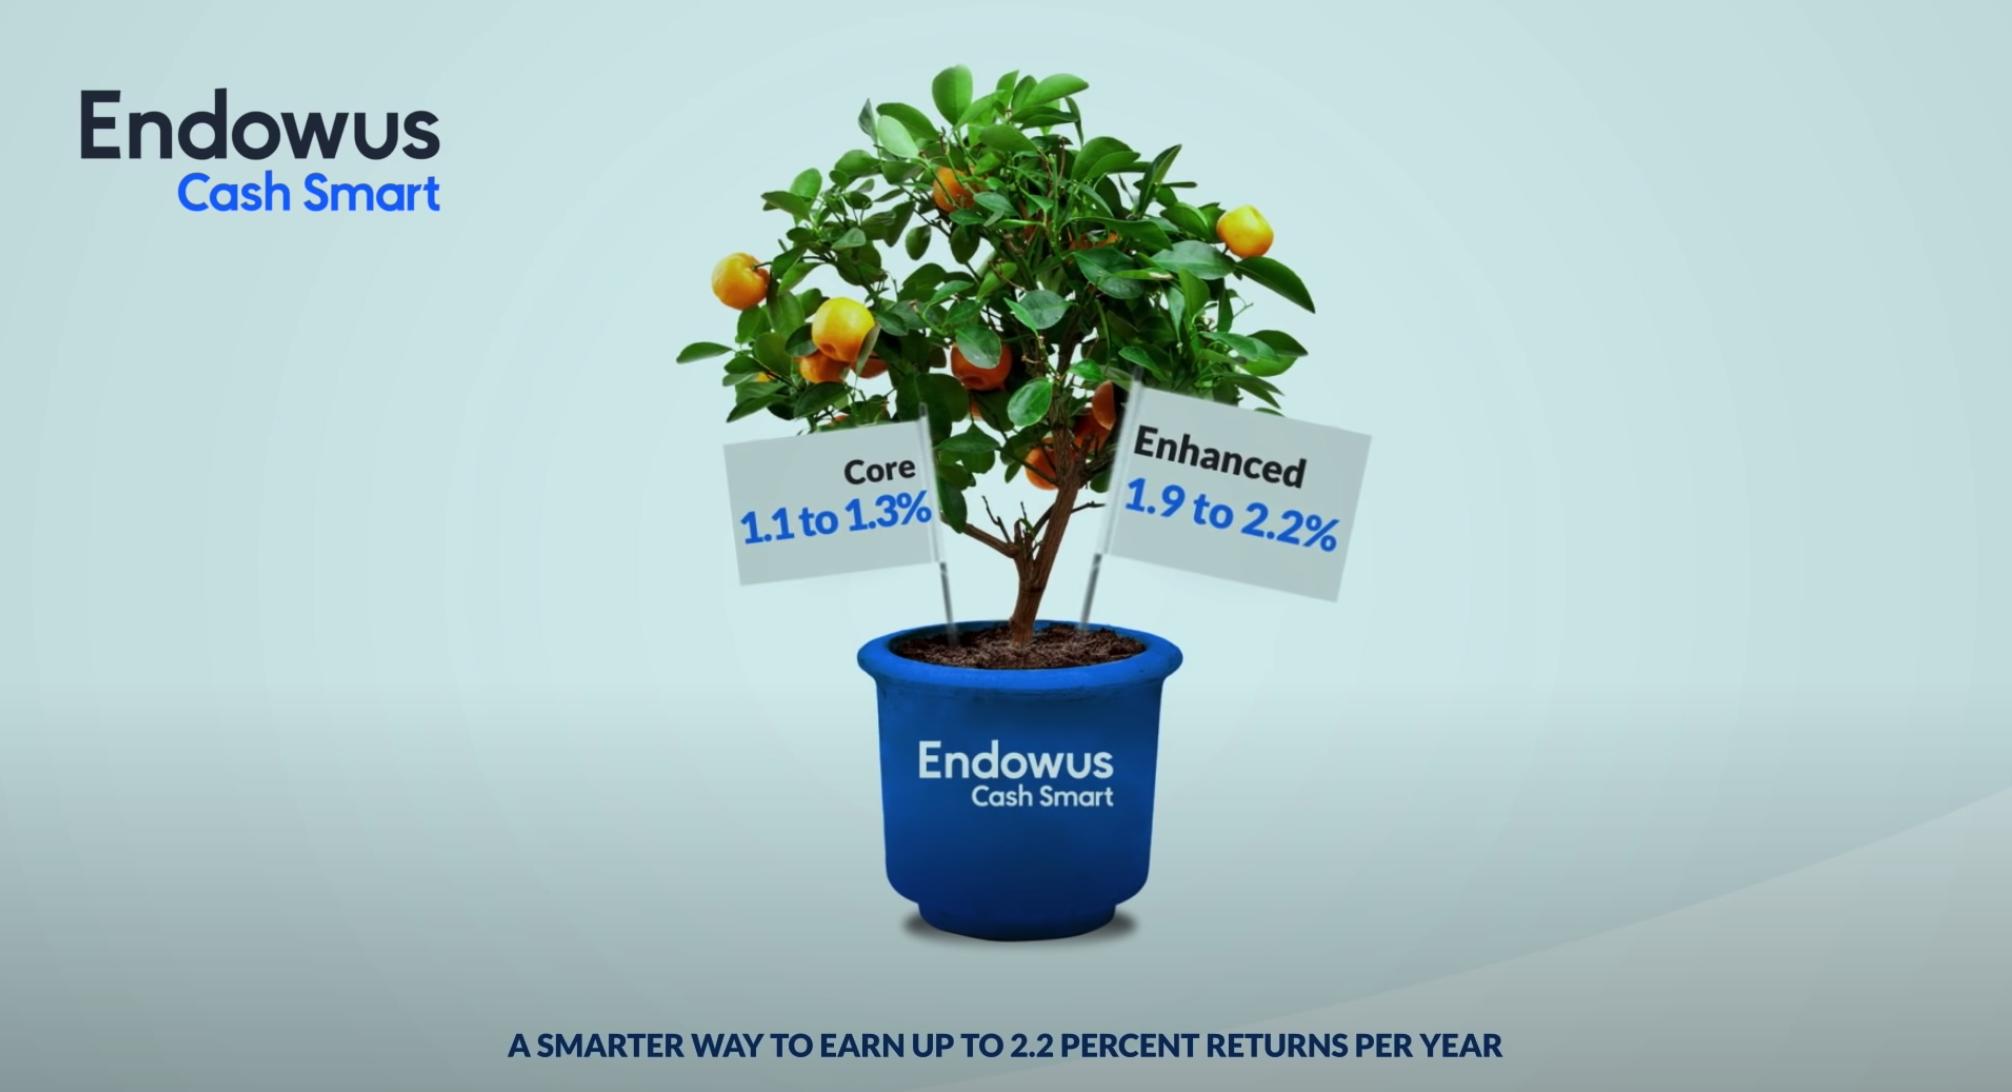 Endowus Cash Smart